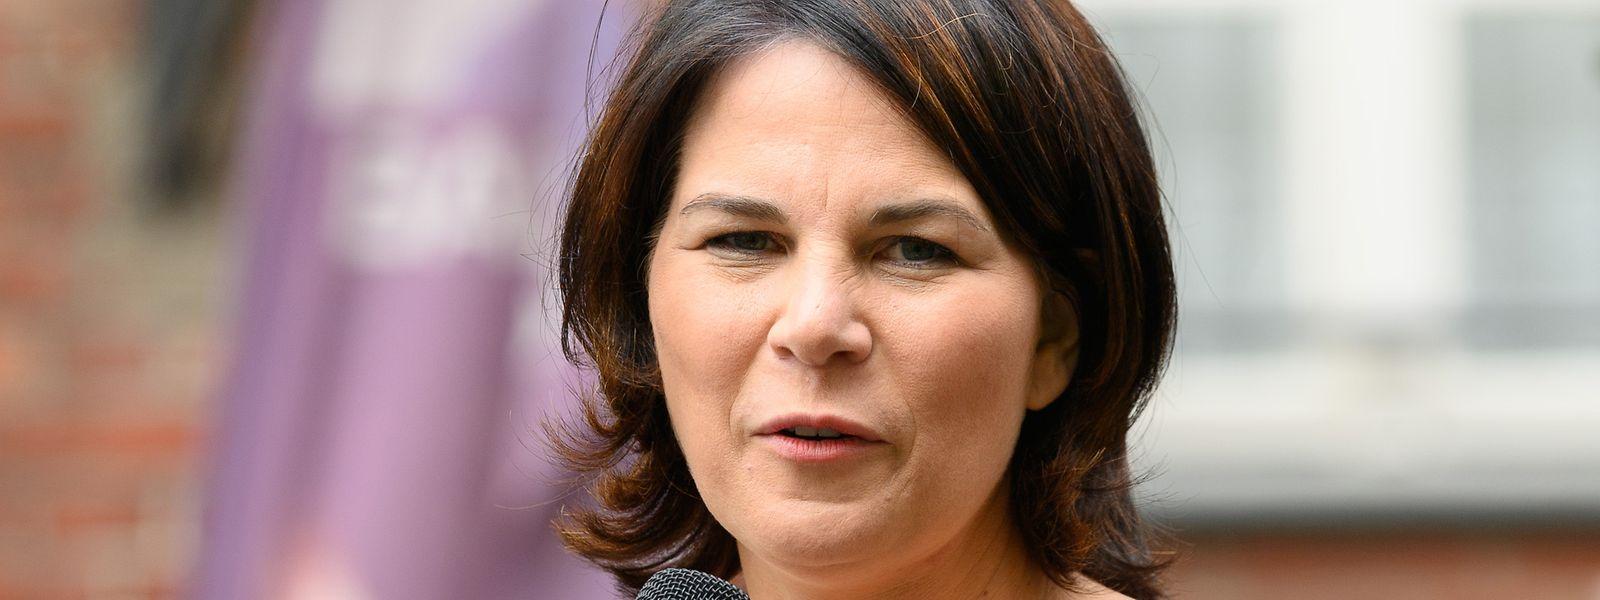 Für Annalena Baerbock, Kanzlerkandidatin und Direktkandidatin von Bündnis 90/Die Grünen, sieht es derzeit schlecht aus.